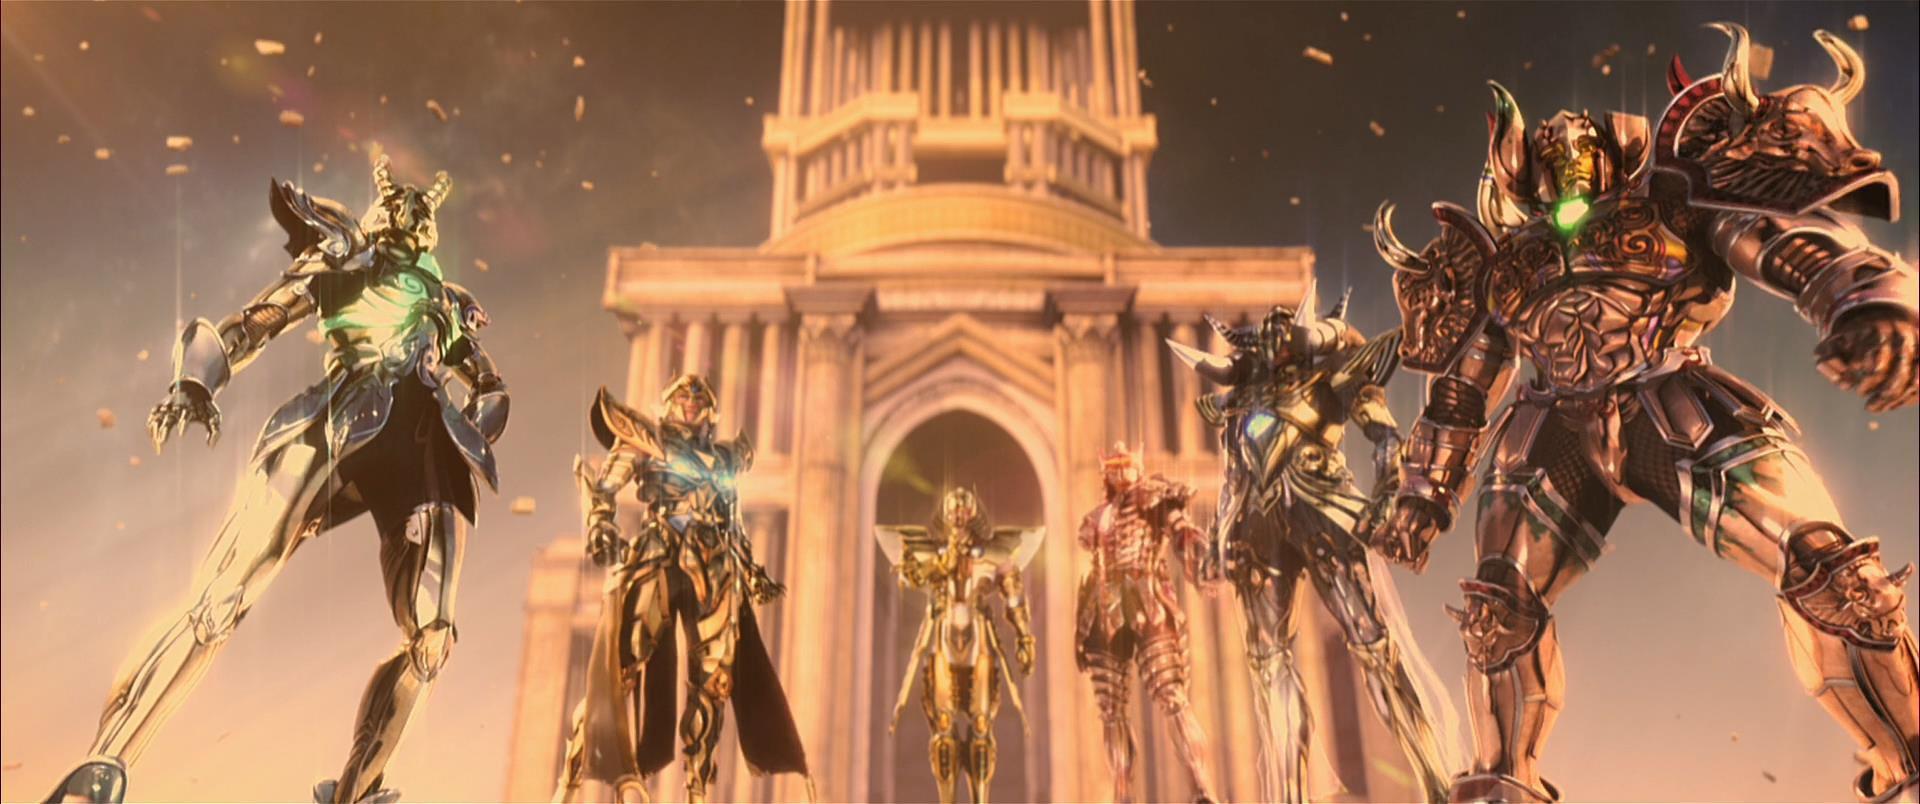 Les Chevaliers Du Zodiaque Film Anime Kun